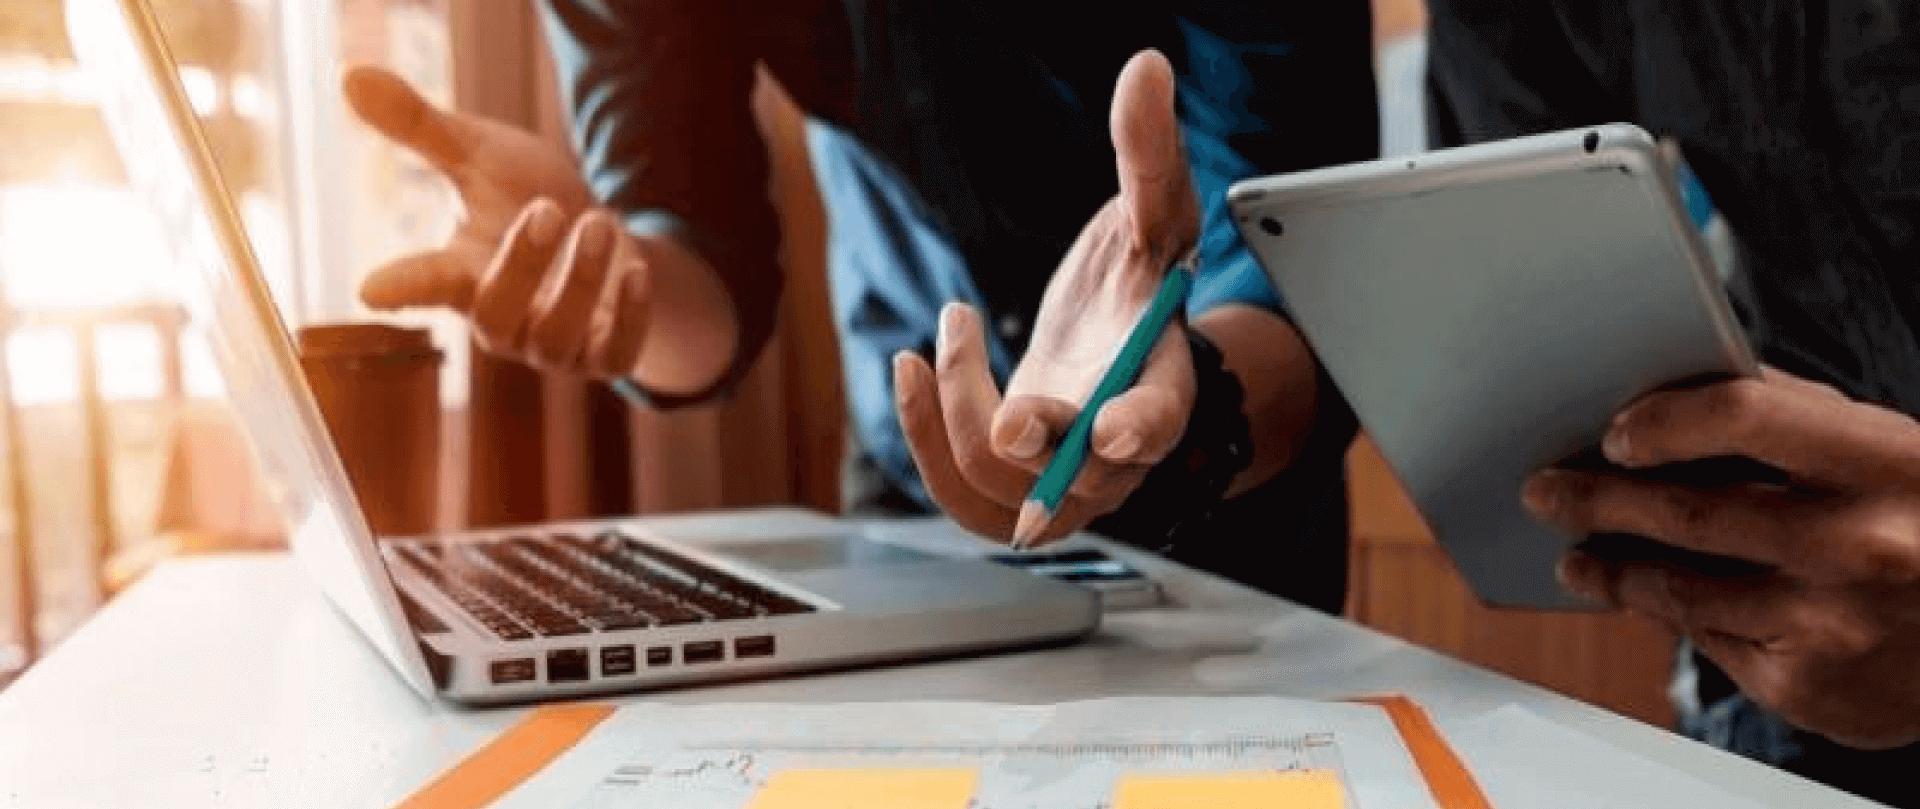 O Beta-Paradigma dos Negócios no Cenário Pós-Caótico